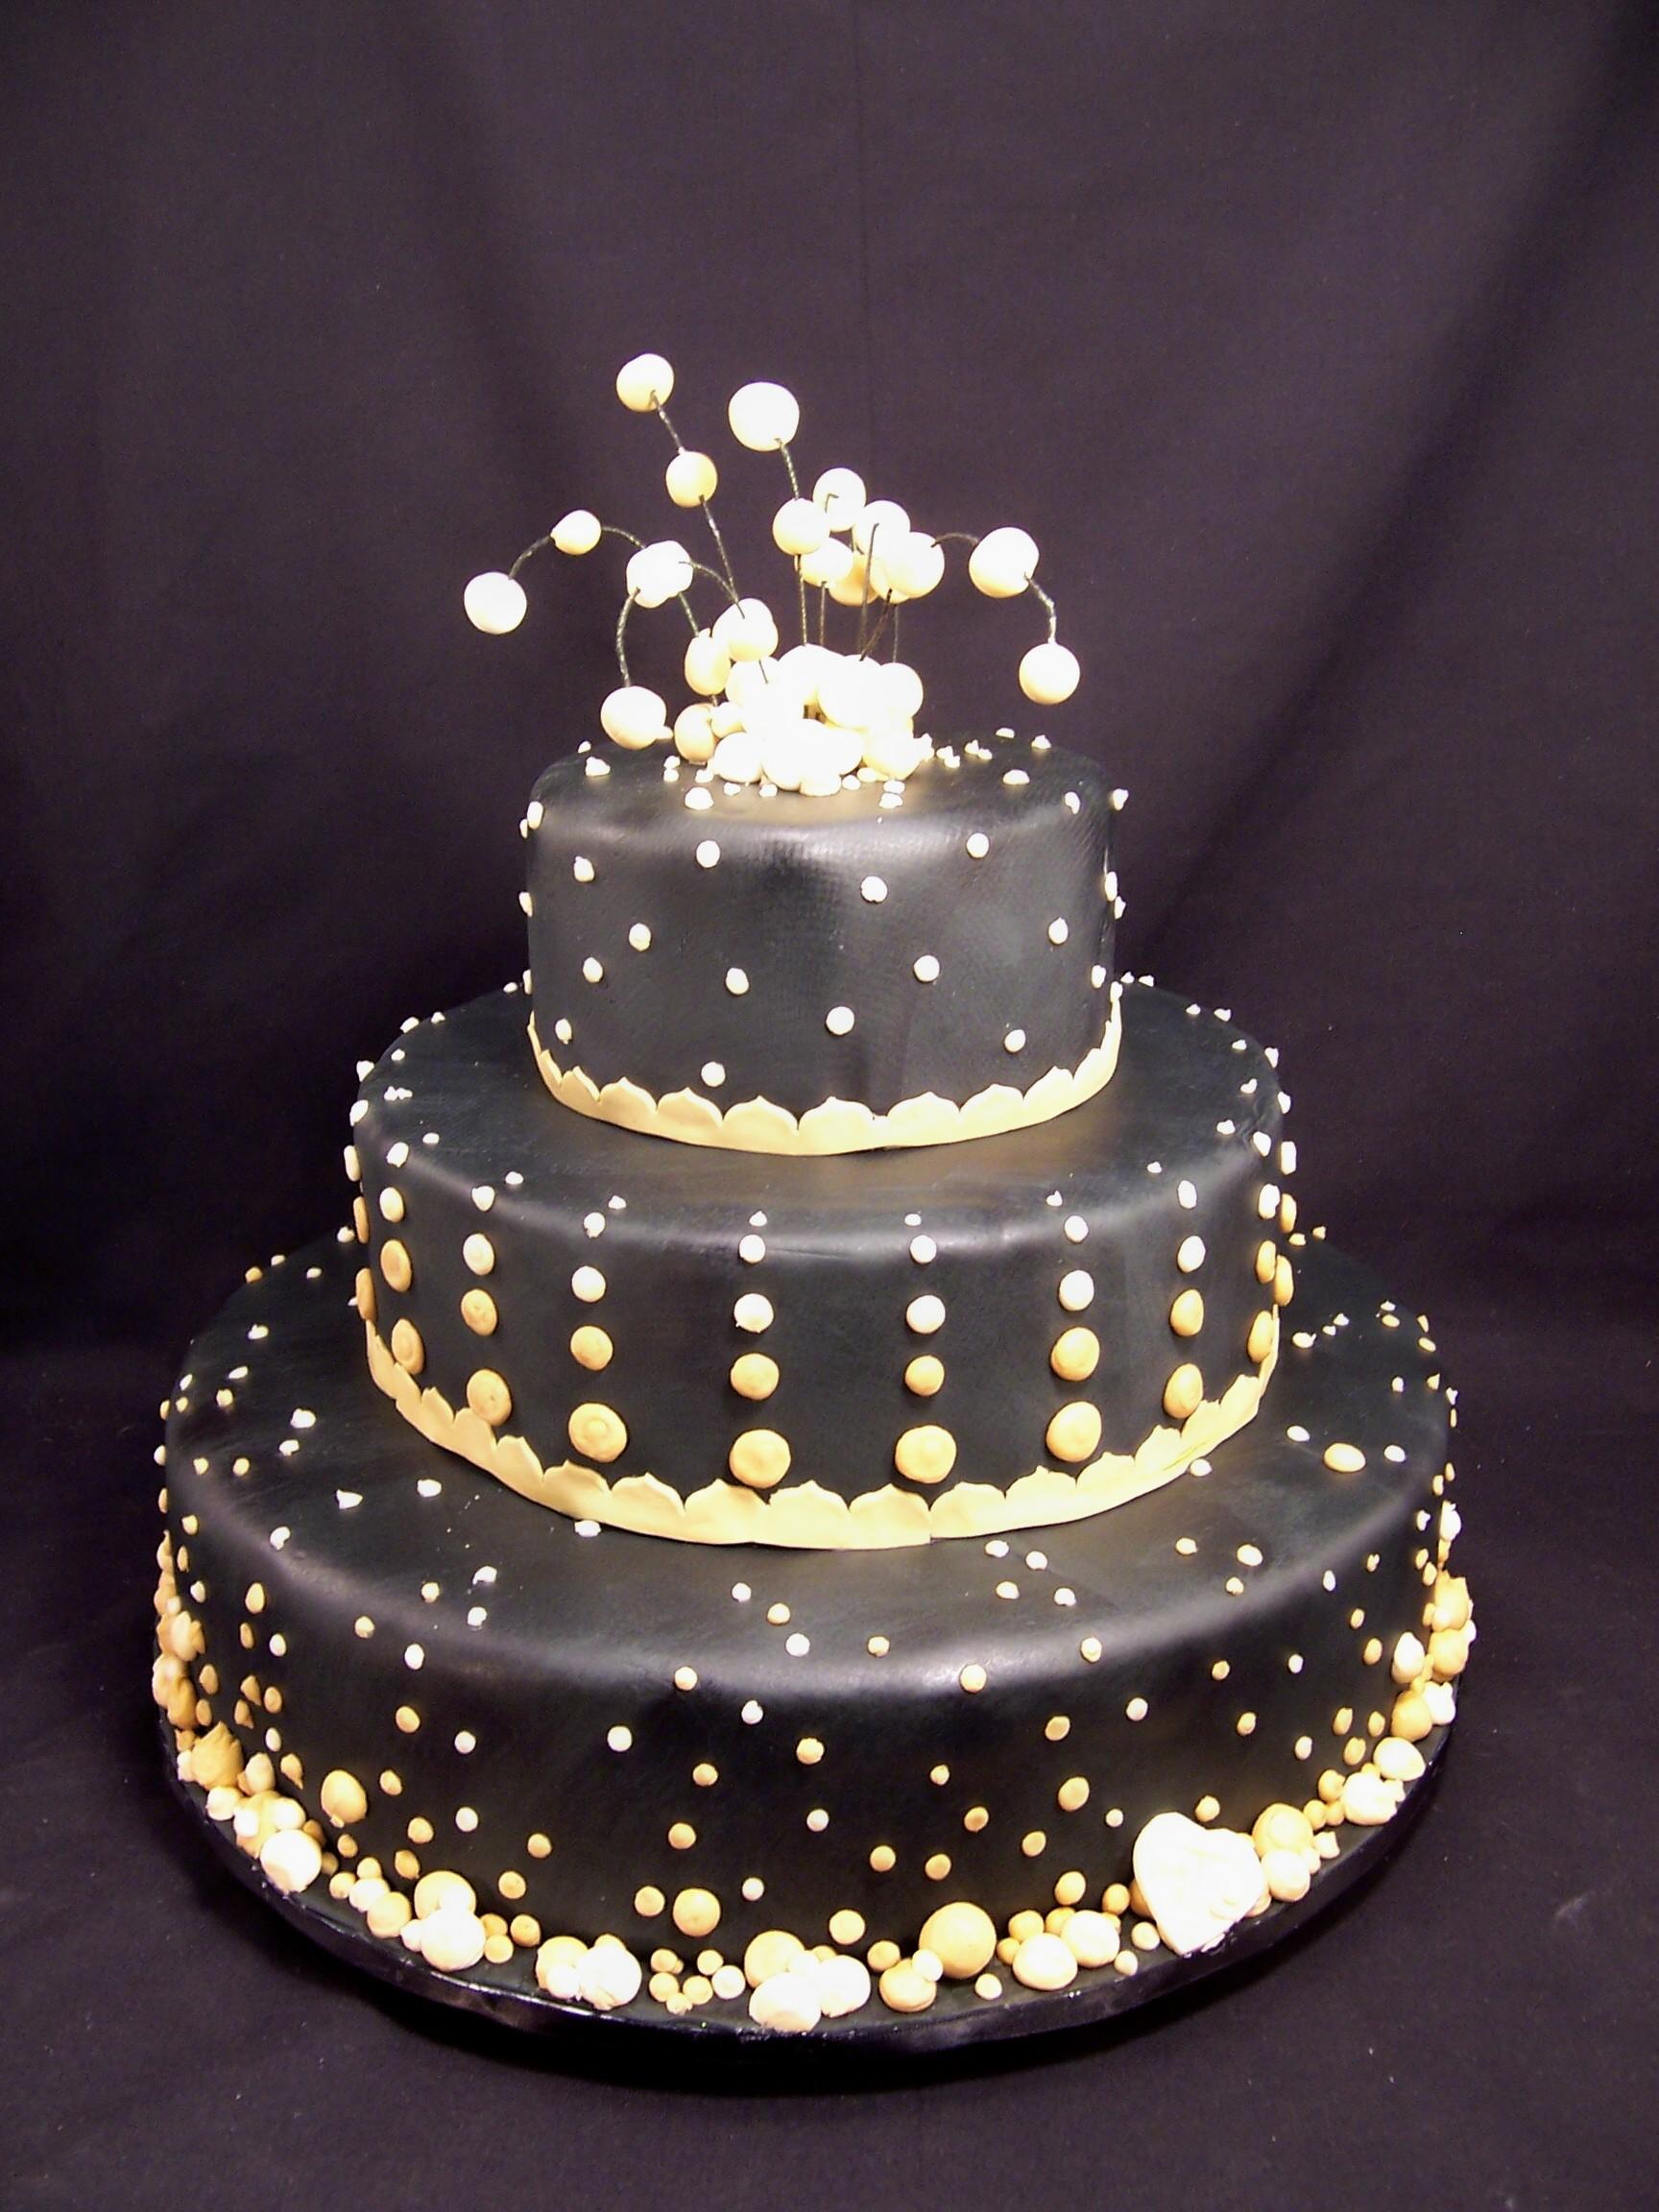 New 2011 Wedding Cake Designs For The Master S Baker